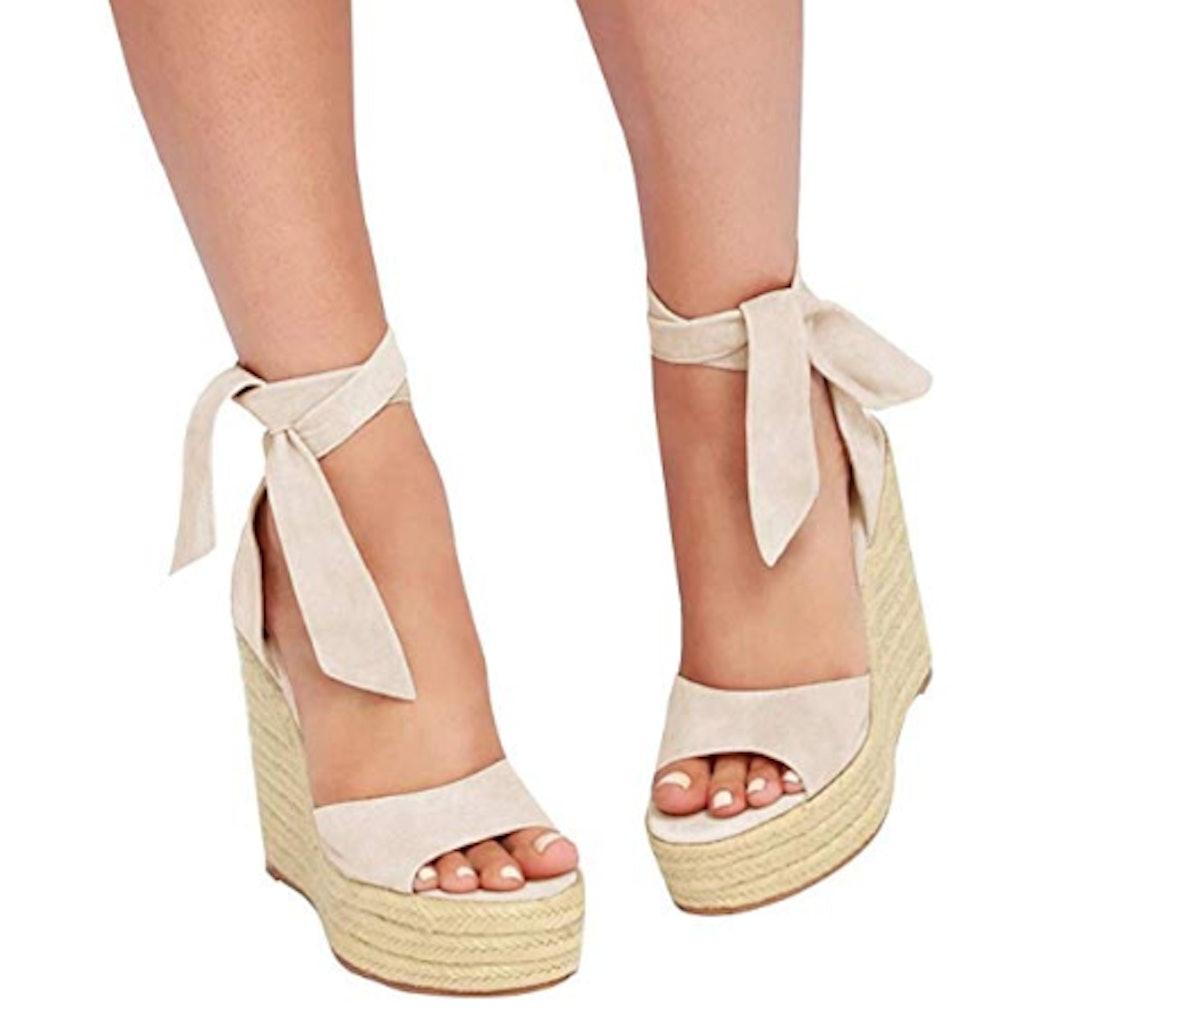 Seraih Lace-up Platform Wedges Sandals